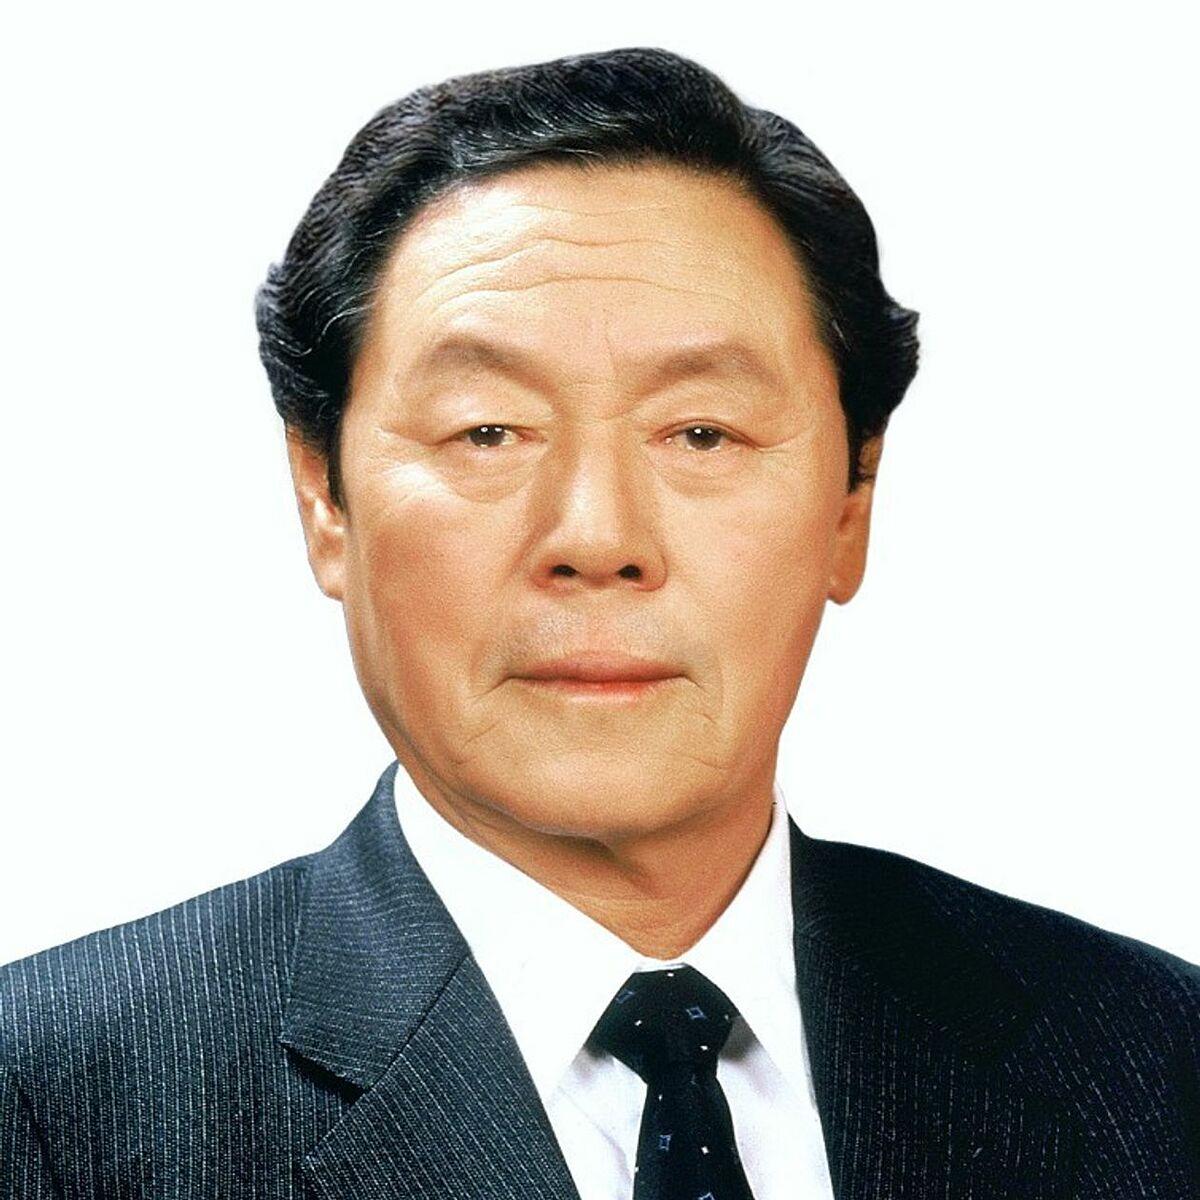 Vua mỳ ăn liền Hàn Quốc Shin Choon-ho. Ảnh: Nongshim